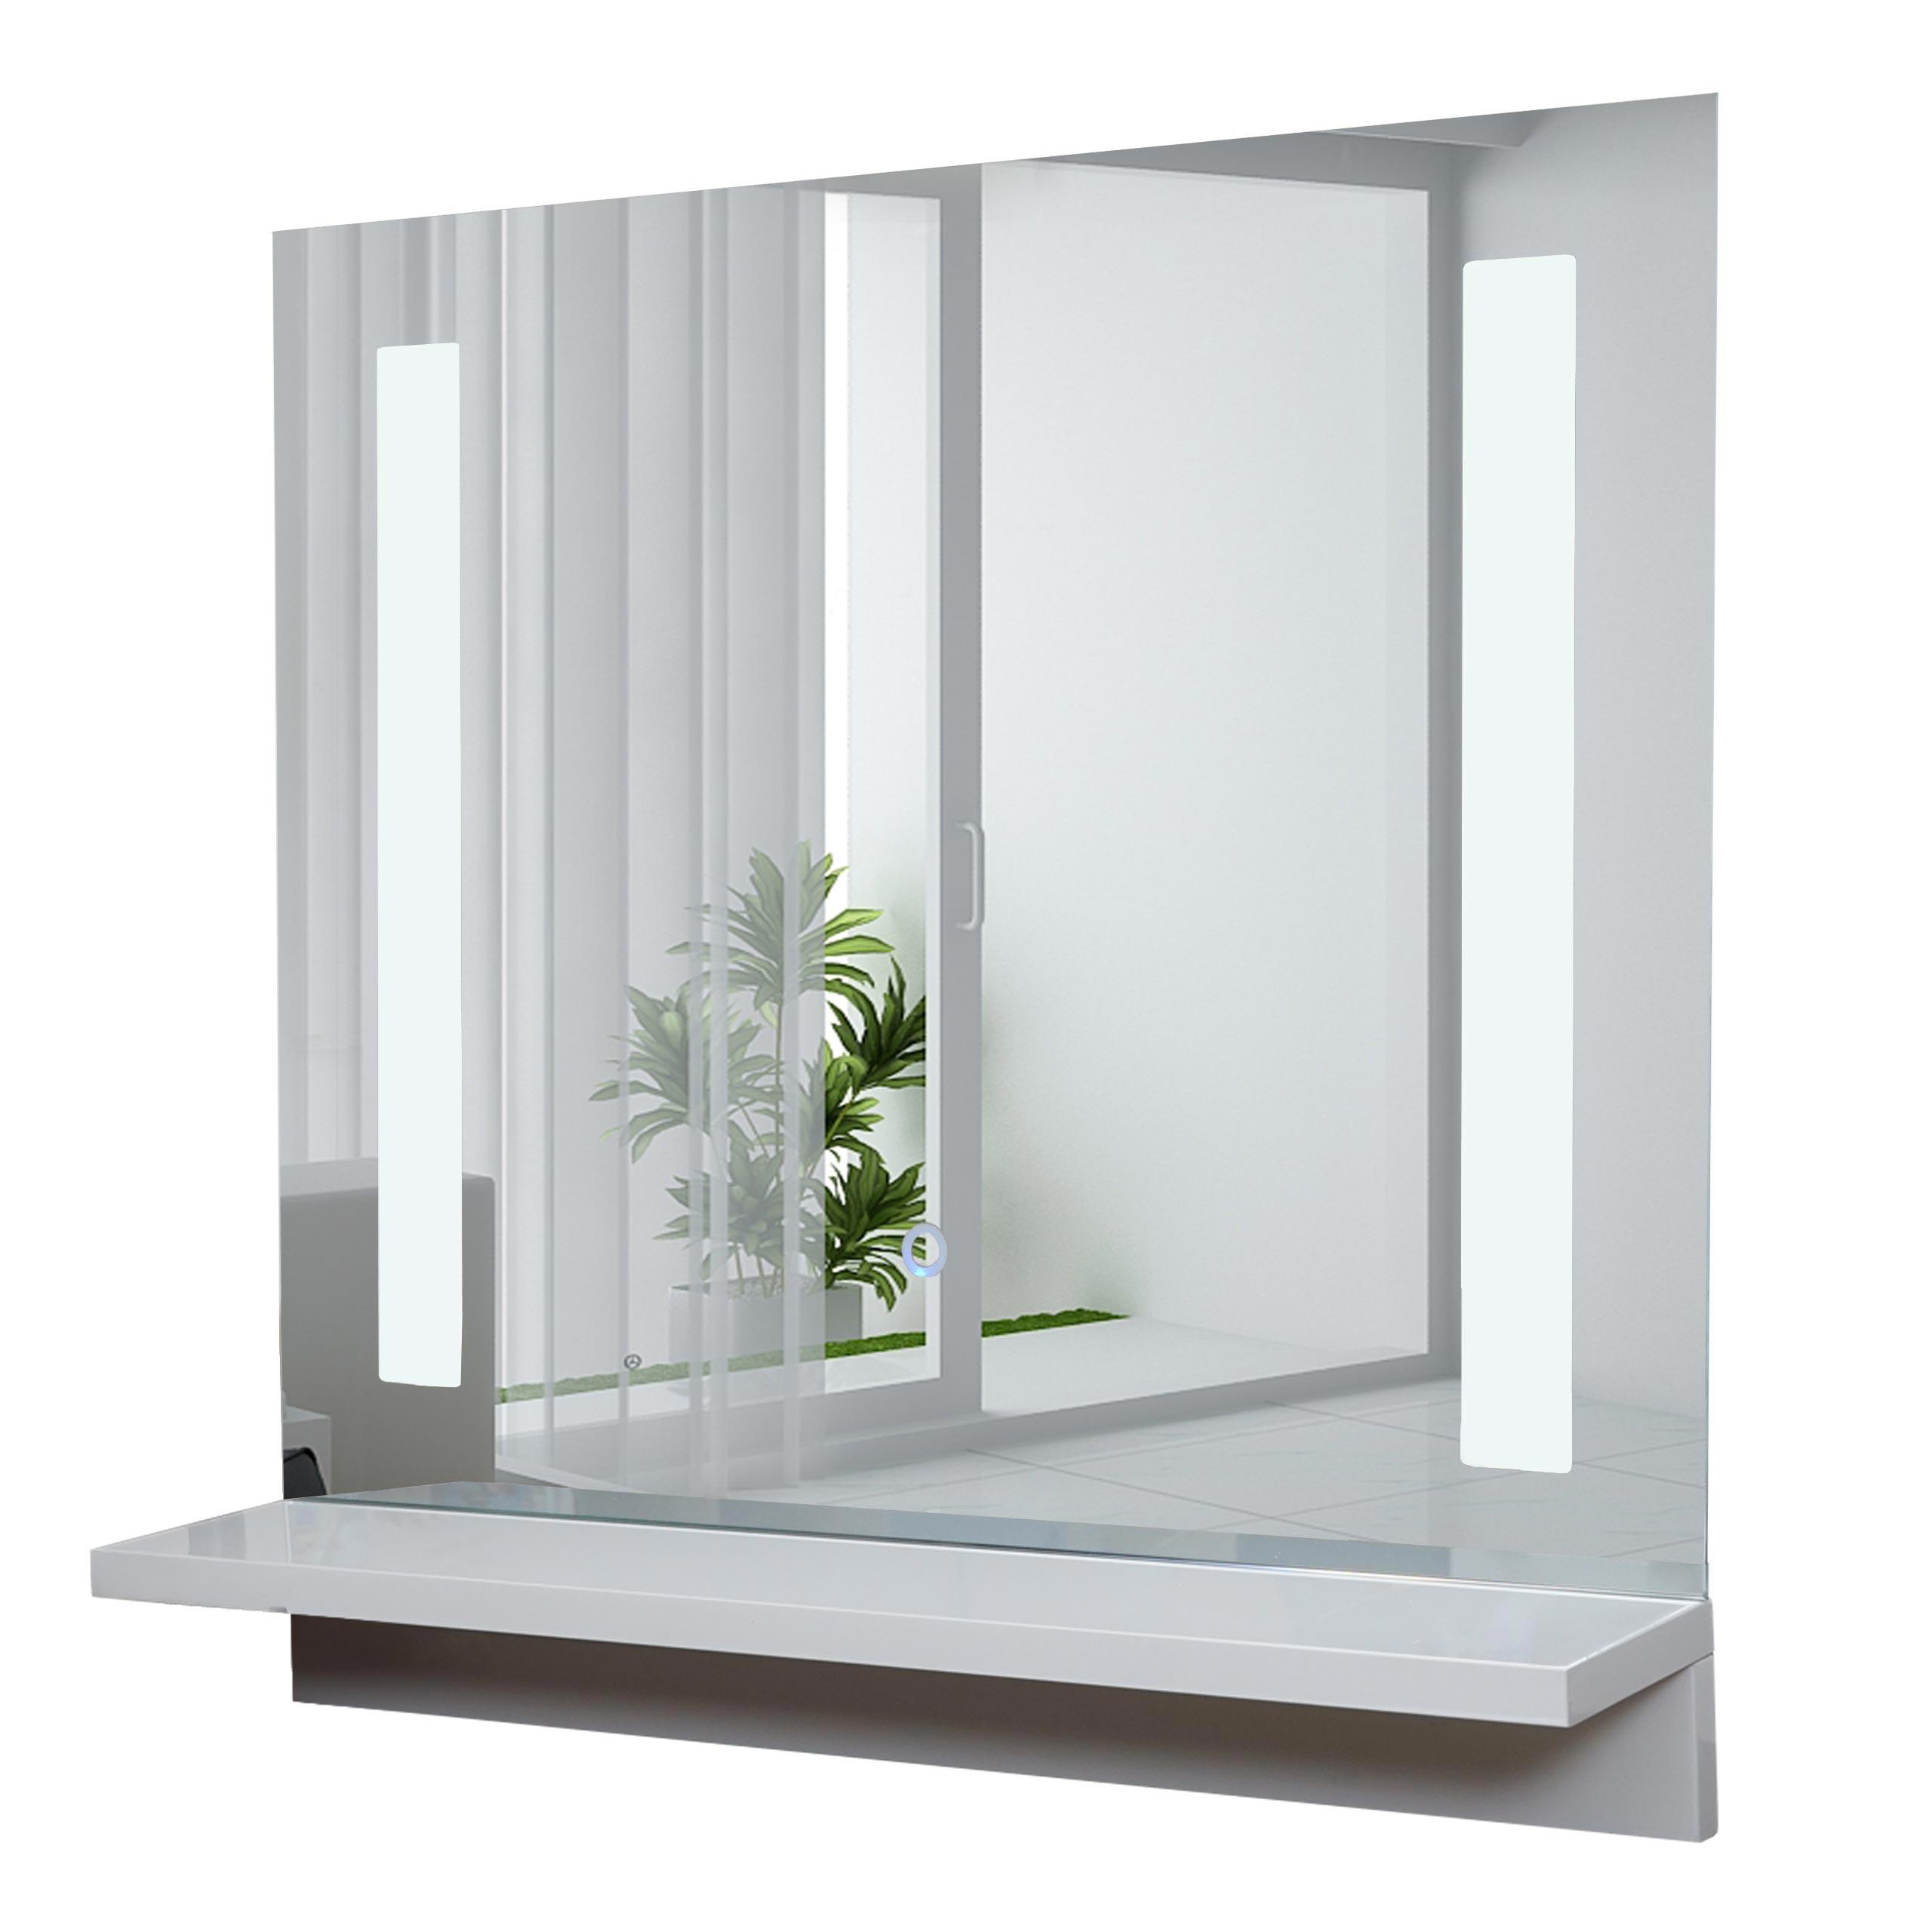 led-wandspiegel mit ablage hwc-c11, badspiegel badezimmer, hochglanz